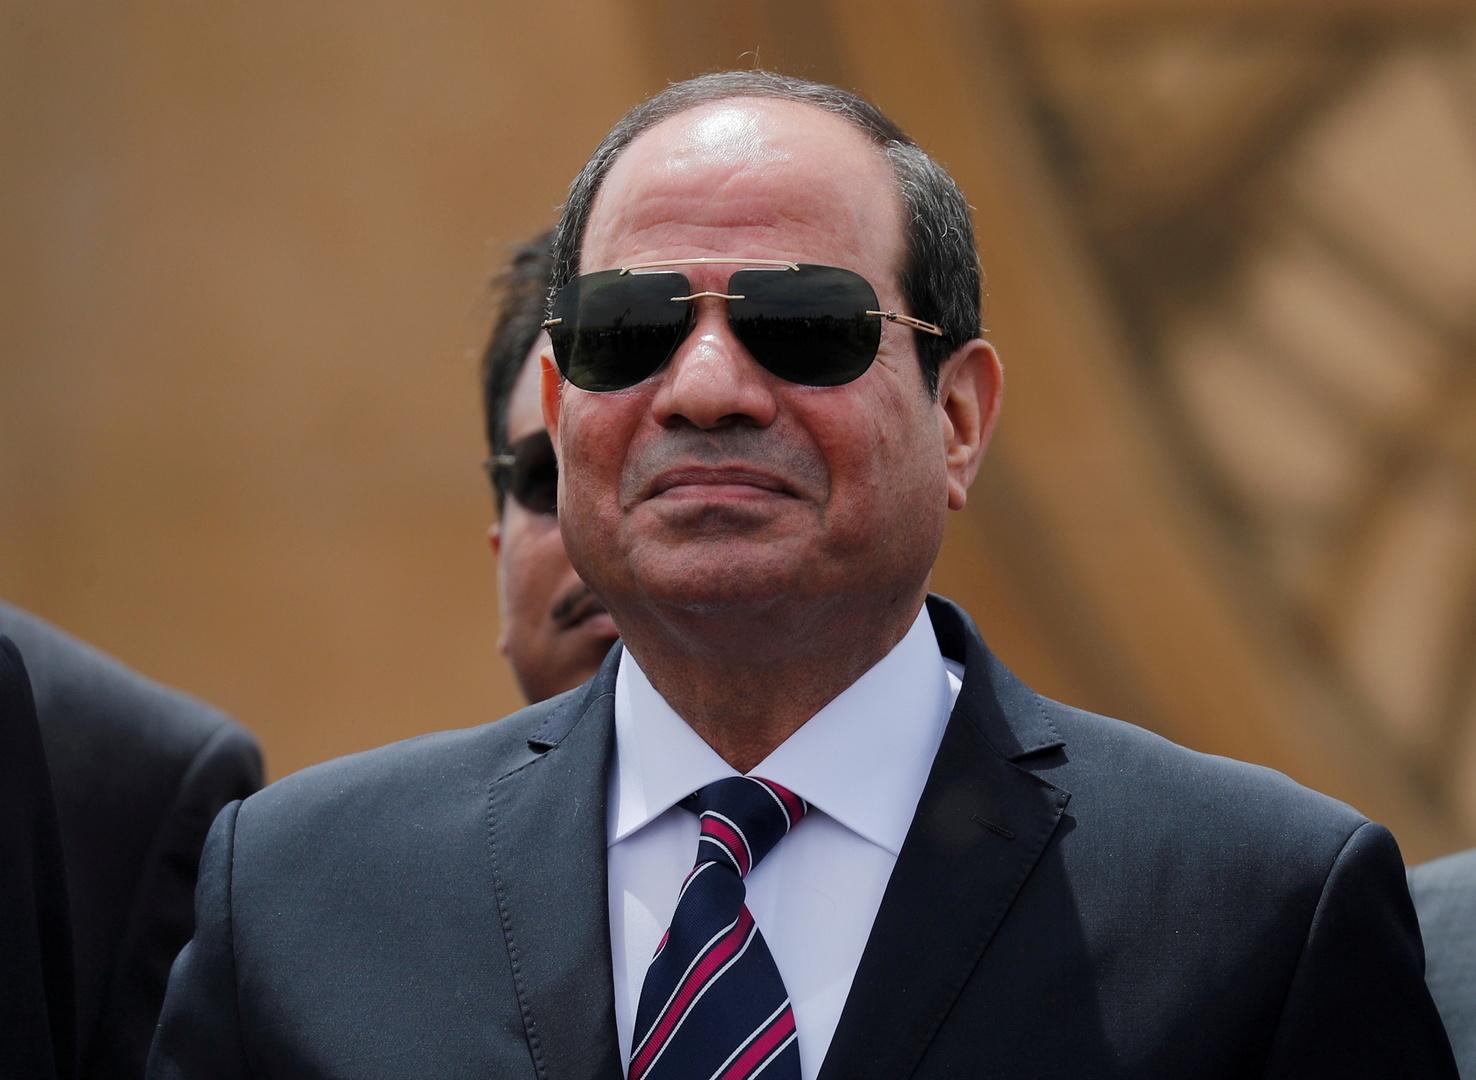 السيسي يدعو المصريين إلى الإسراع في تلقي لقاح ضد كورونا